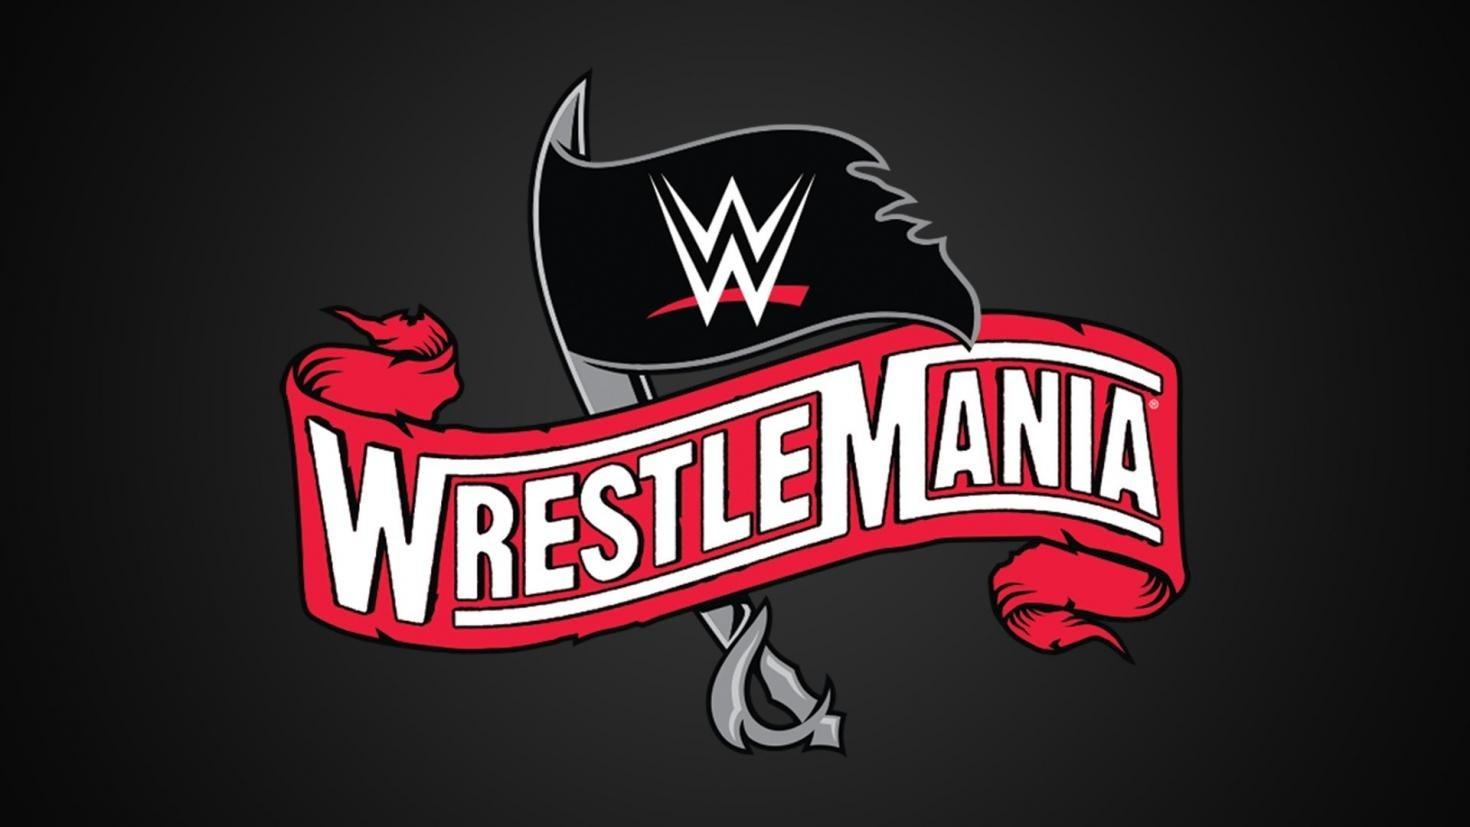 ¿A qué hora comienza hoy WrestleMania 36? Cómo ver, transmitir en vivo el programa 2020 gratis 75